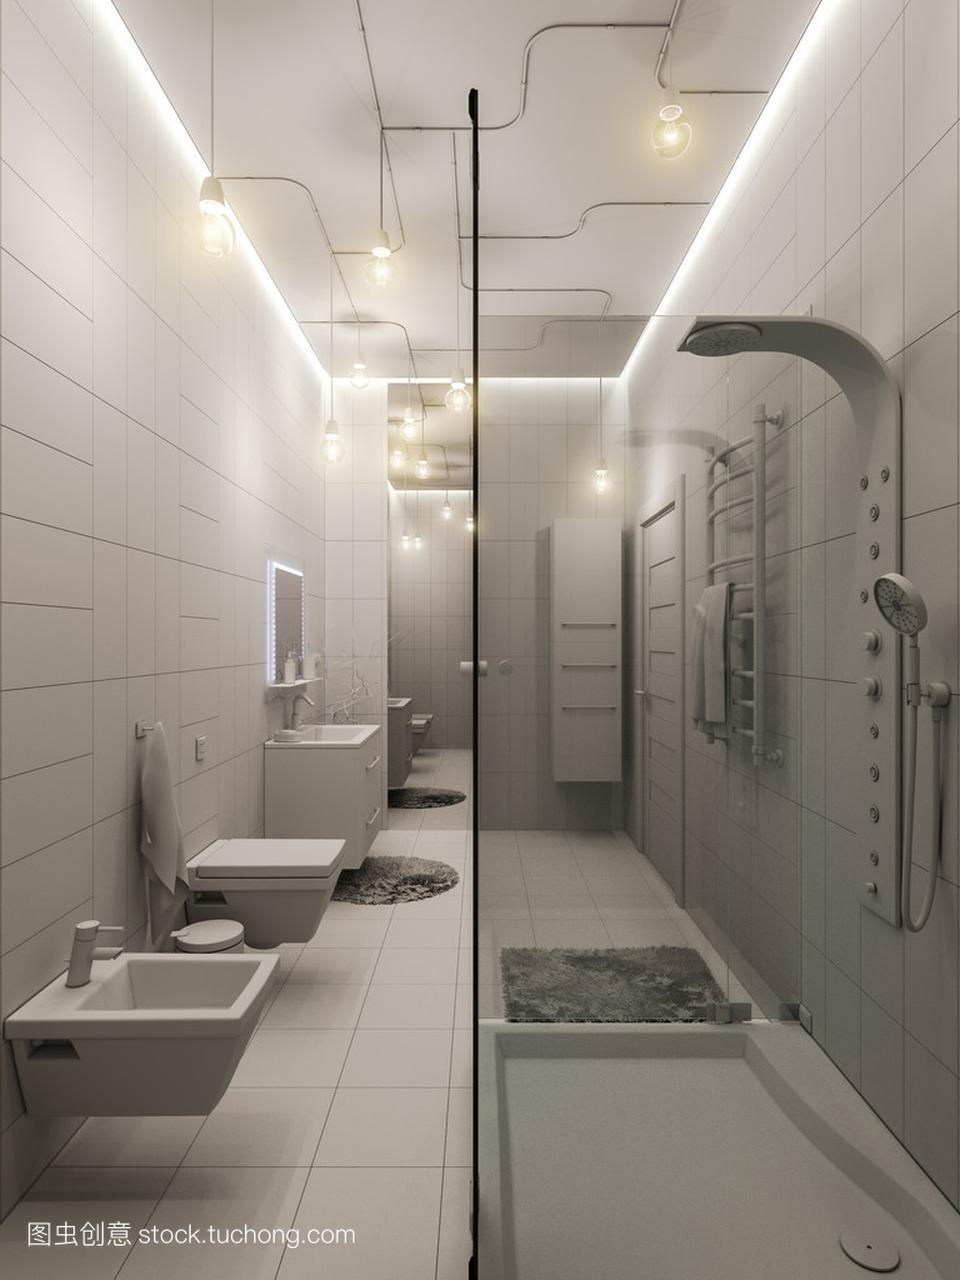 浴室平面室内设计的3d渲染运动鞋专卖店儿童设计图图片